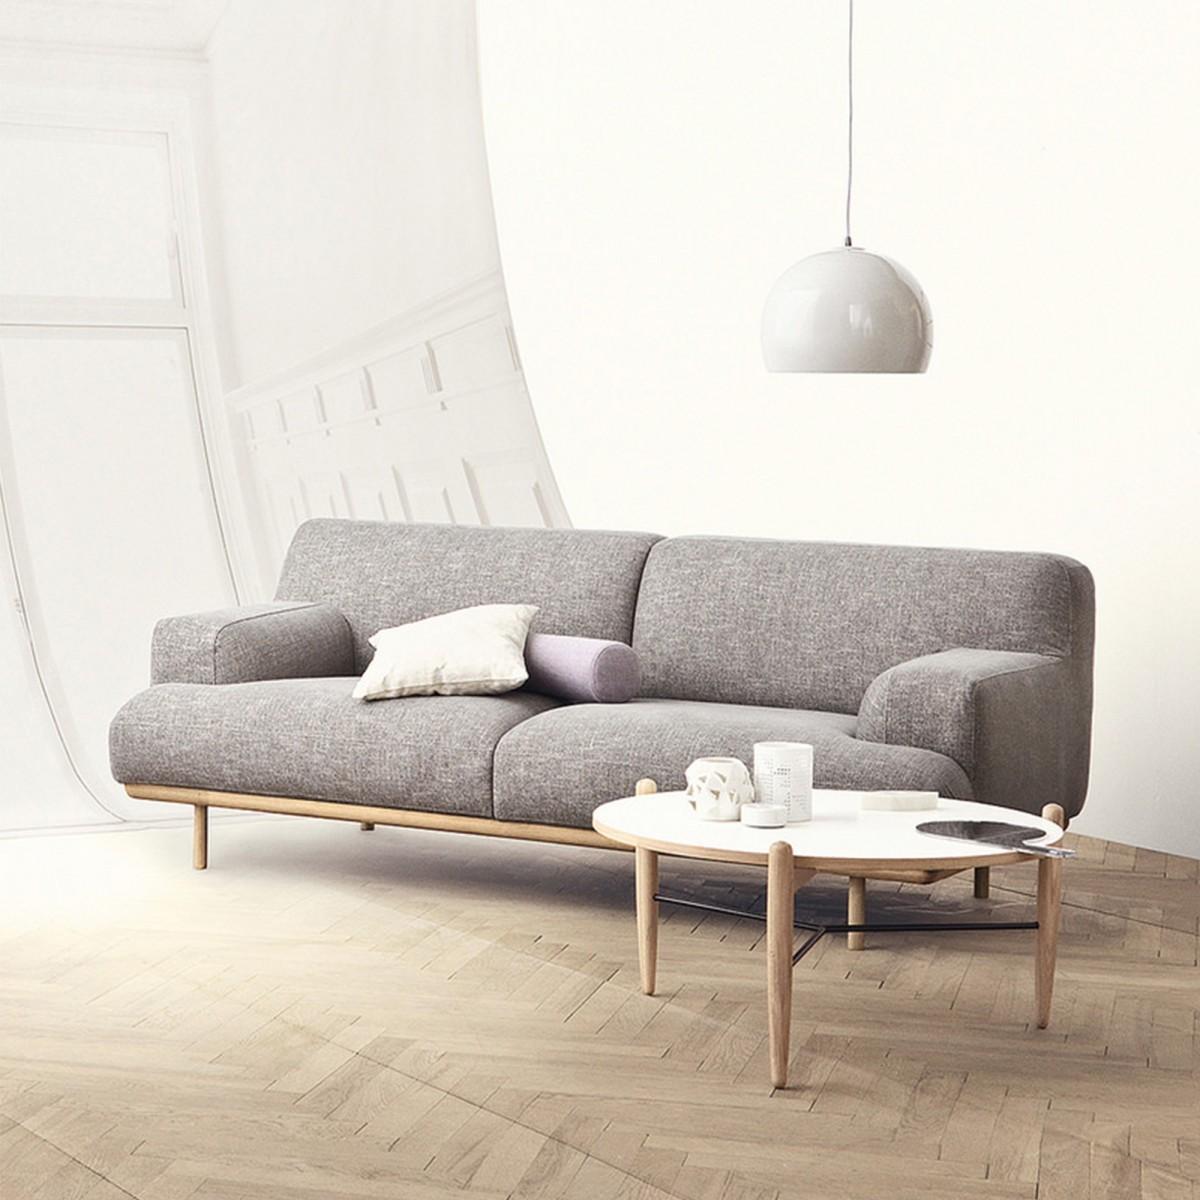 madison sofa 2 seats 1 2 bolia. Black Bedroom Furniture Sets. Home Design Ideas